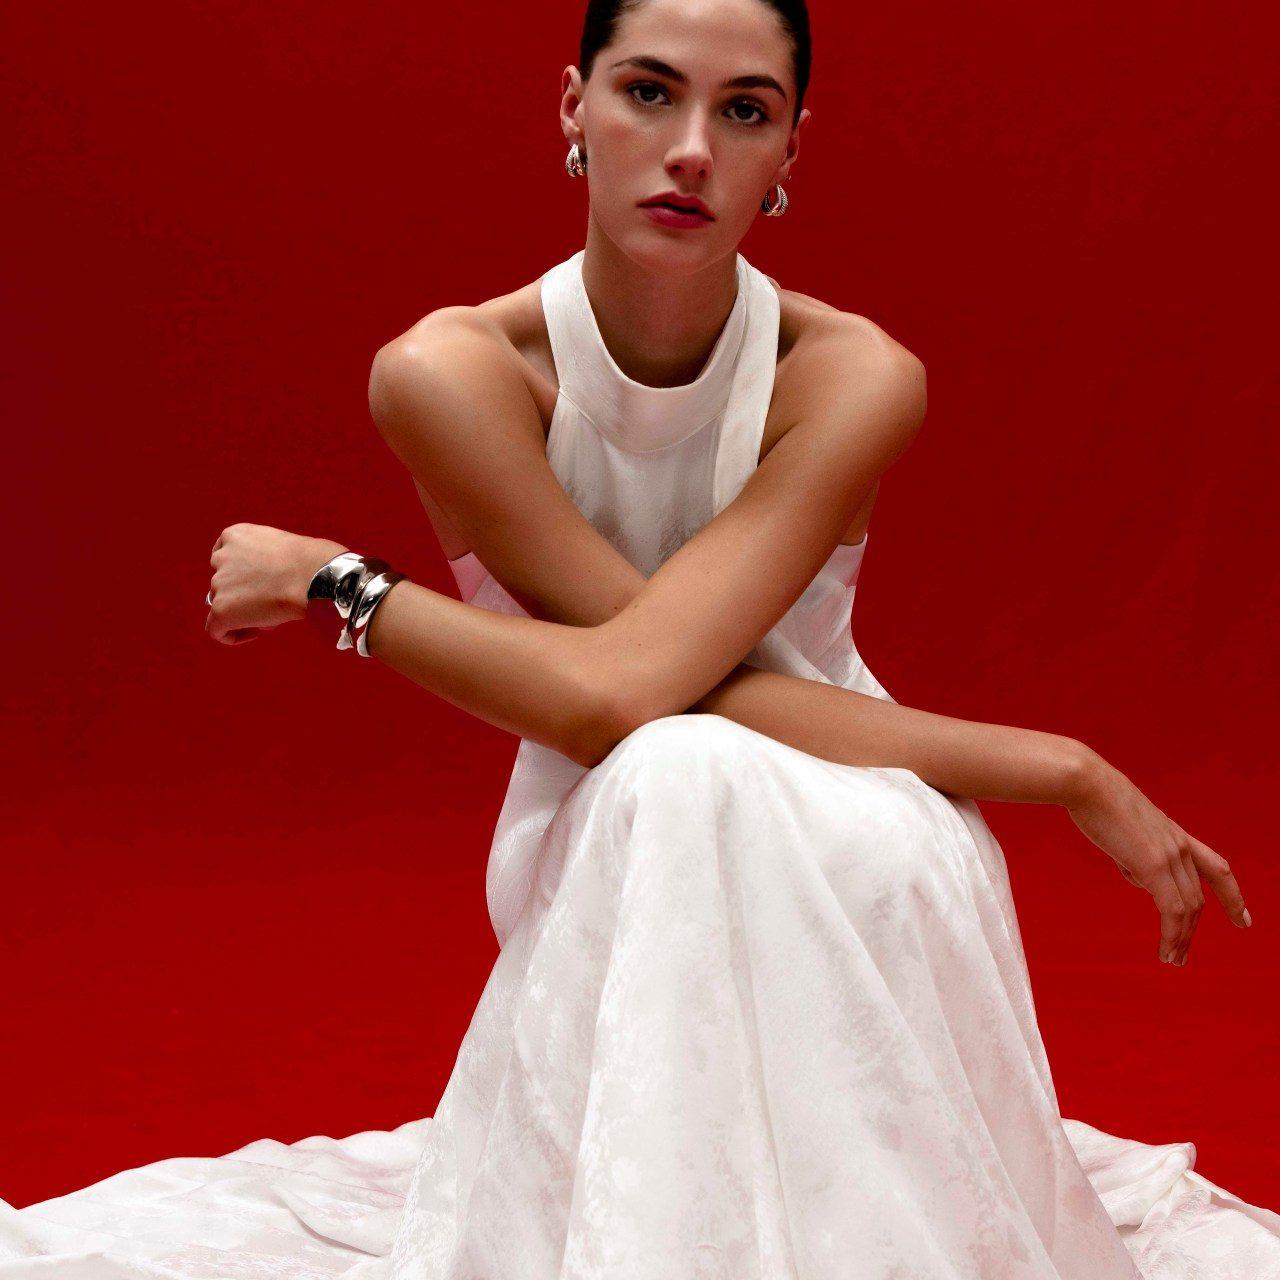 Vestidos de novia Galvan 2022: Tradición, color y folklore de Latinoamérica